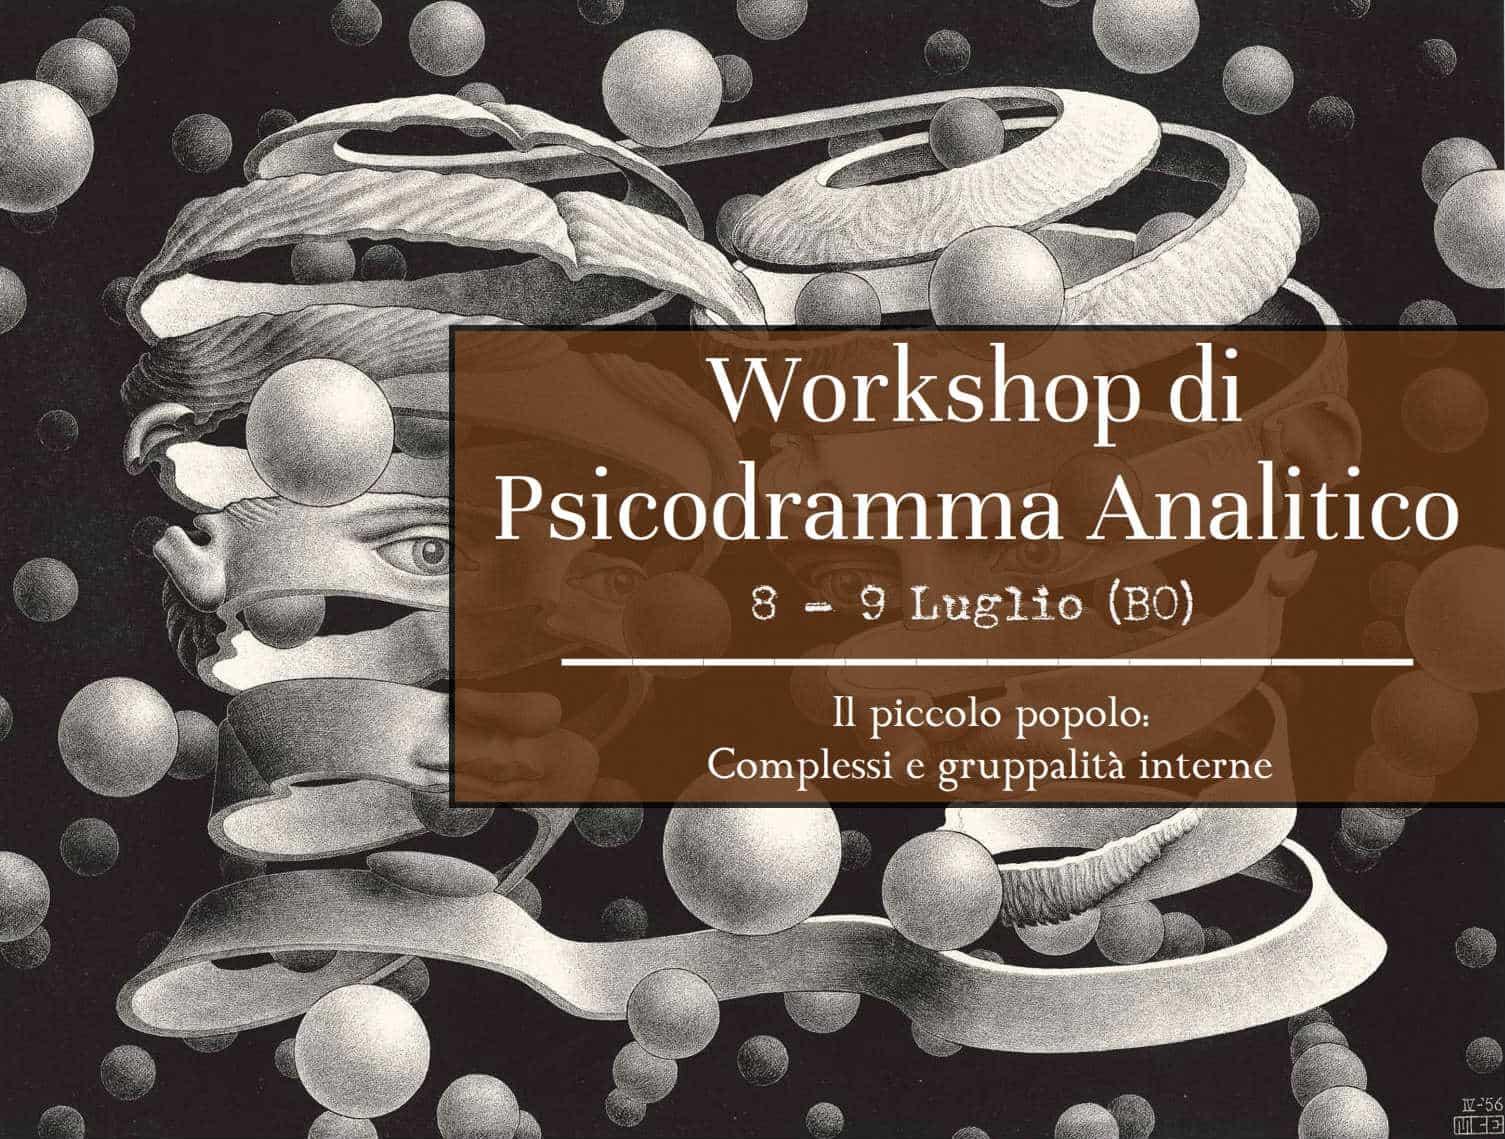 Complessi e gruppalità interne: il piccolo popolo | Workshop di Psicodramma analitico 8-9 Luglio (BO)